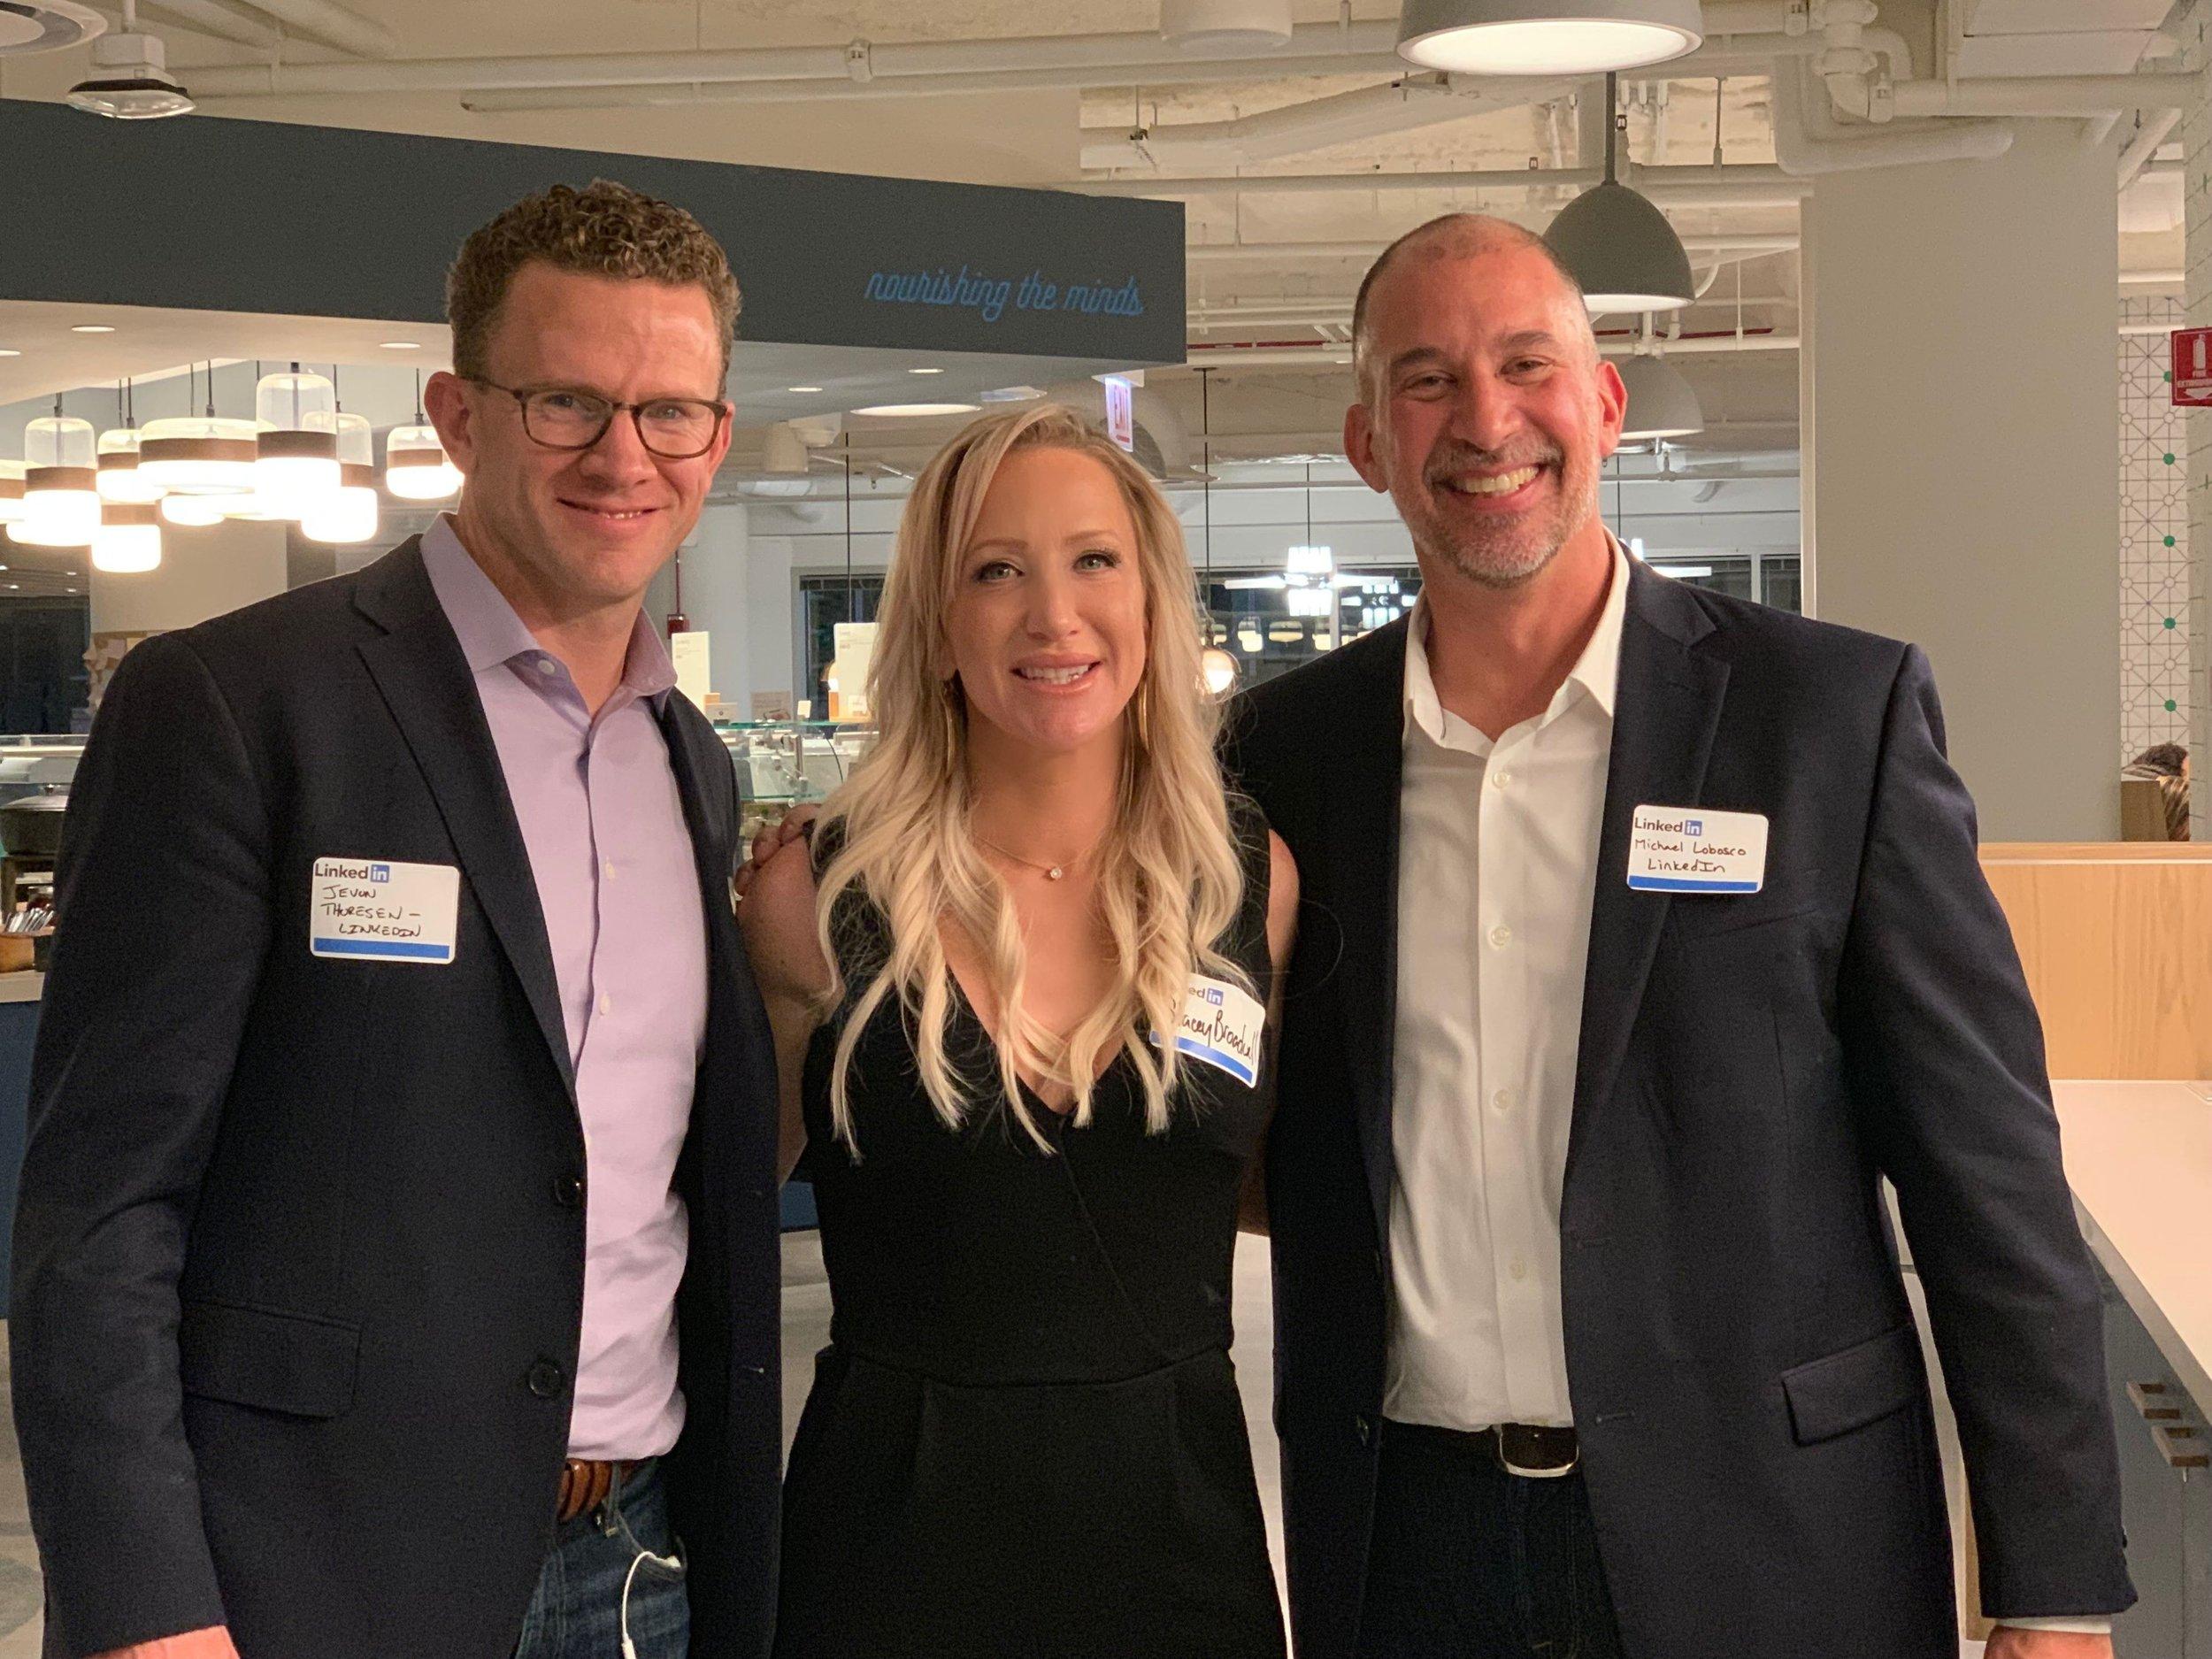 Stacey Broadwell at Linkedin HQ w/ Jevon & Michael